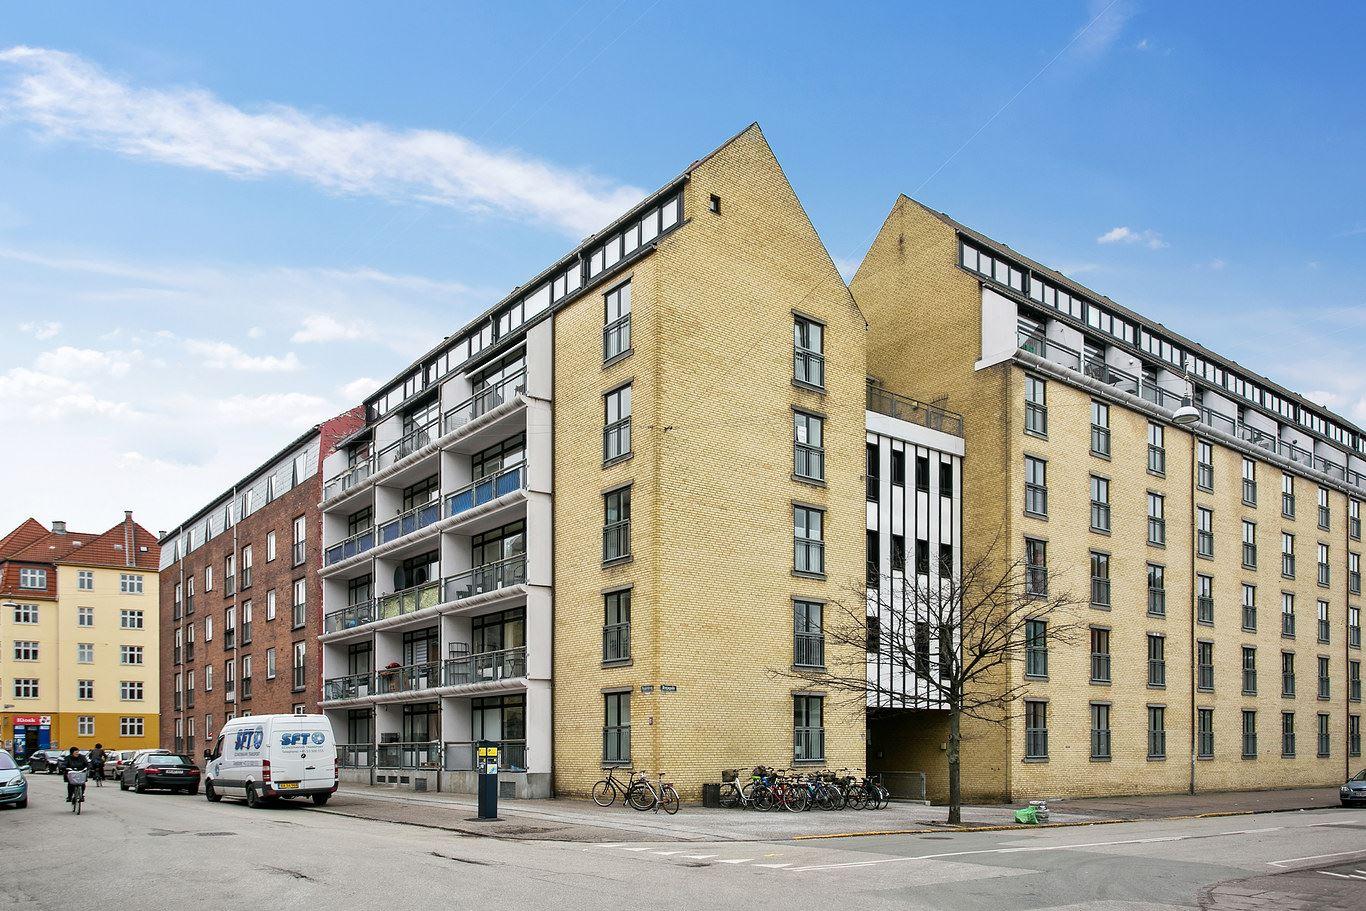 Drejøgade 35, 3 26, 2100 København Ø, 2100 København Ø